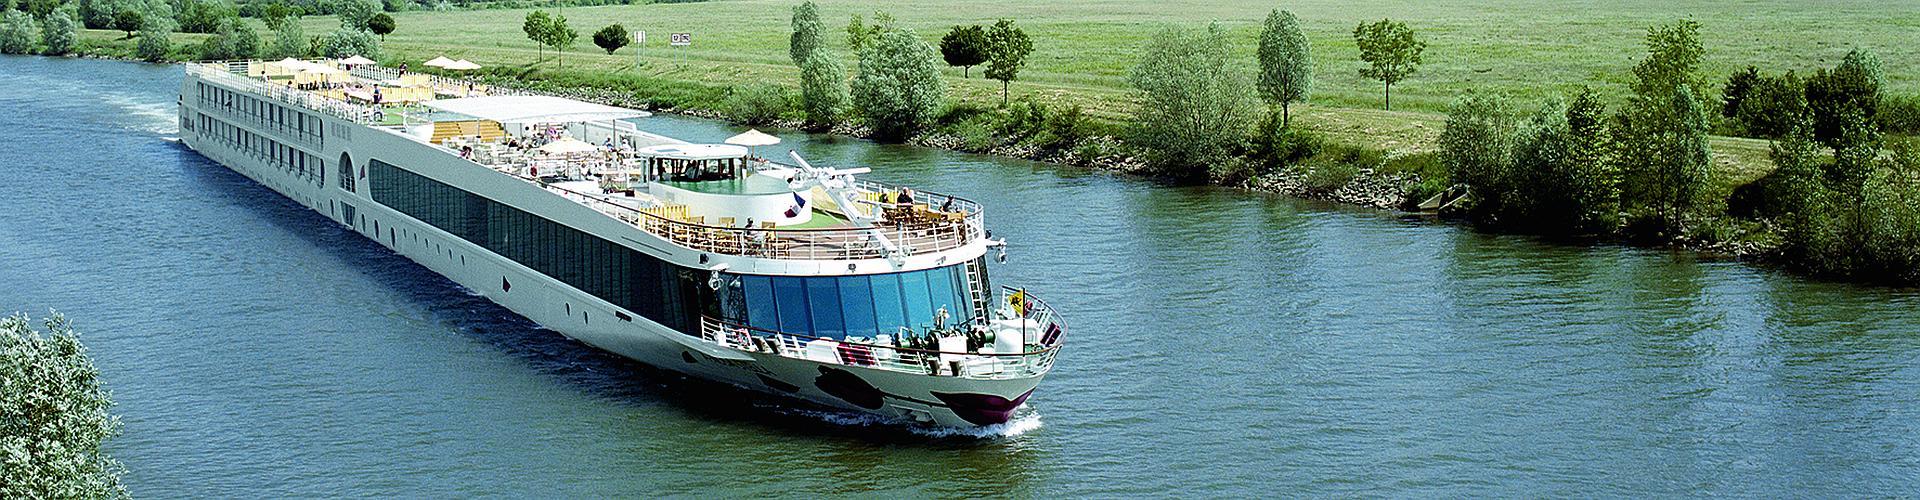 Schöne Zeit auf Rhein, Main, Mosel, Donau, Rhone, Seine mit AROSA Flusskreuzfahrten